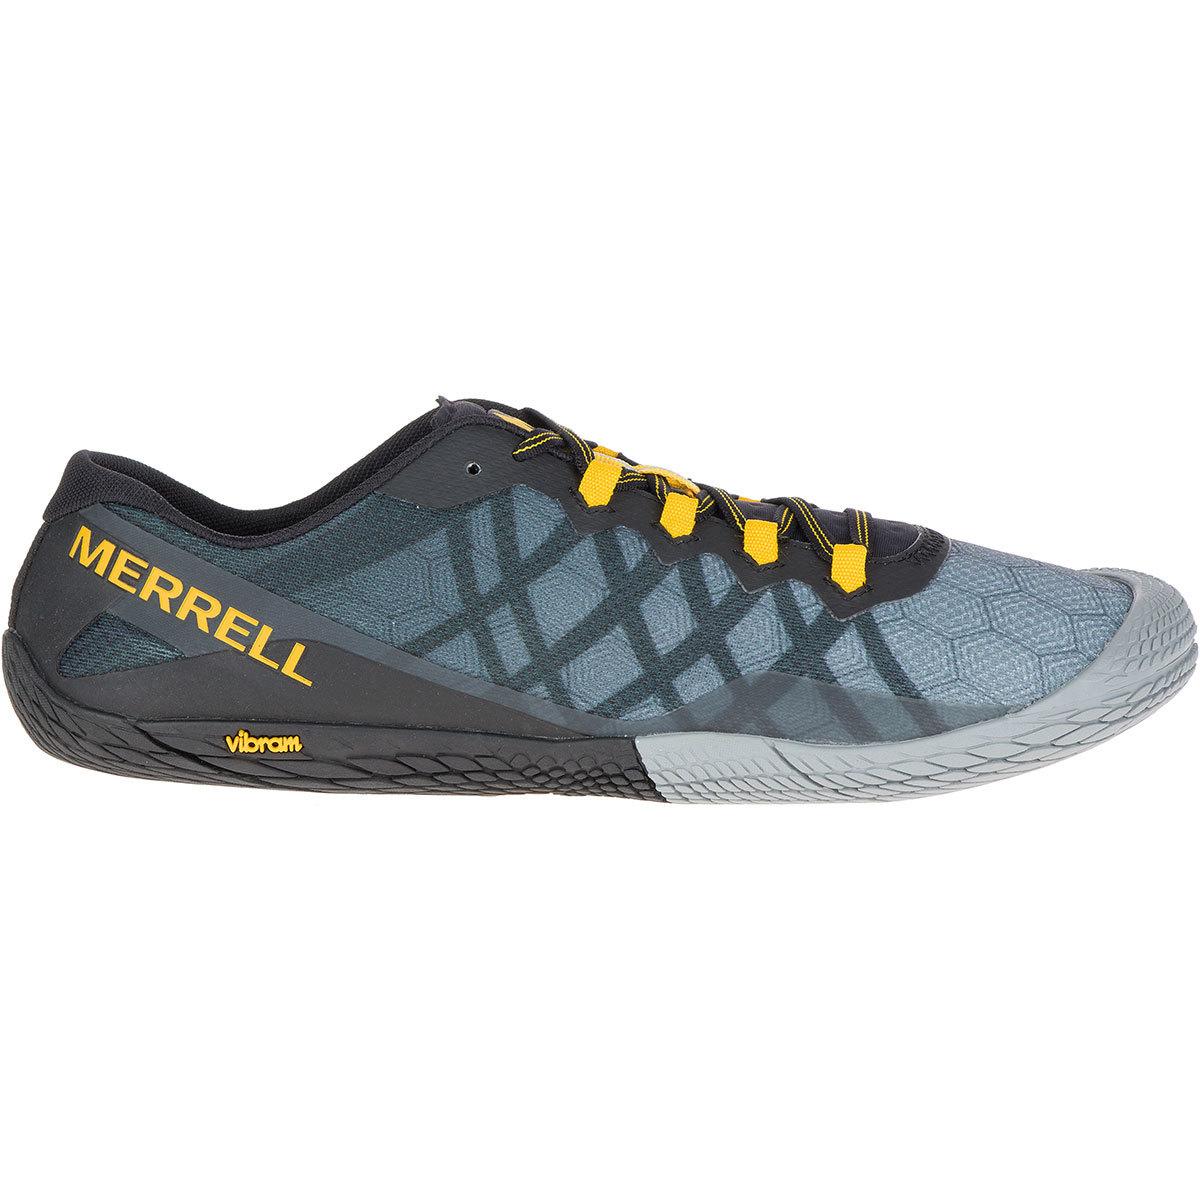 MERRELL Men's Vapor Glove 3 Trail